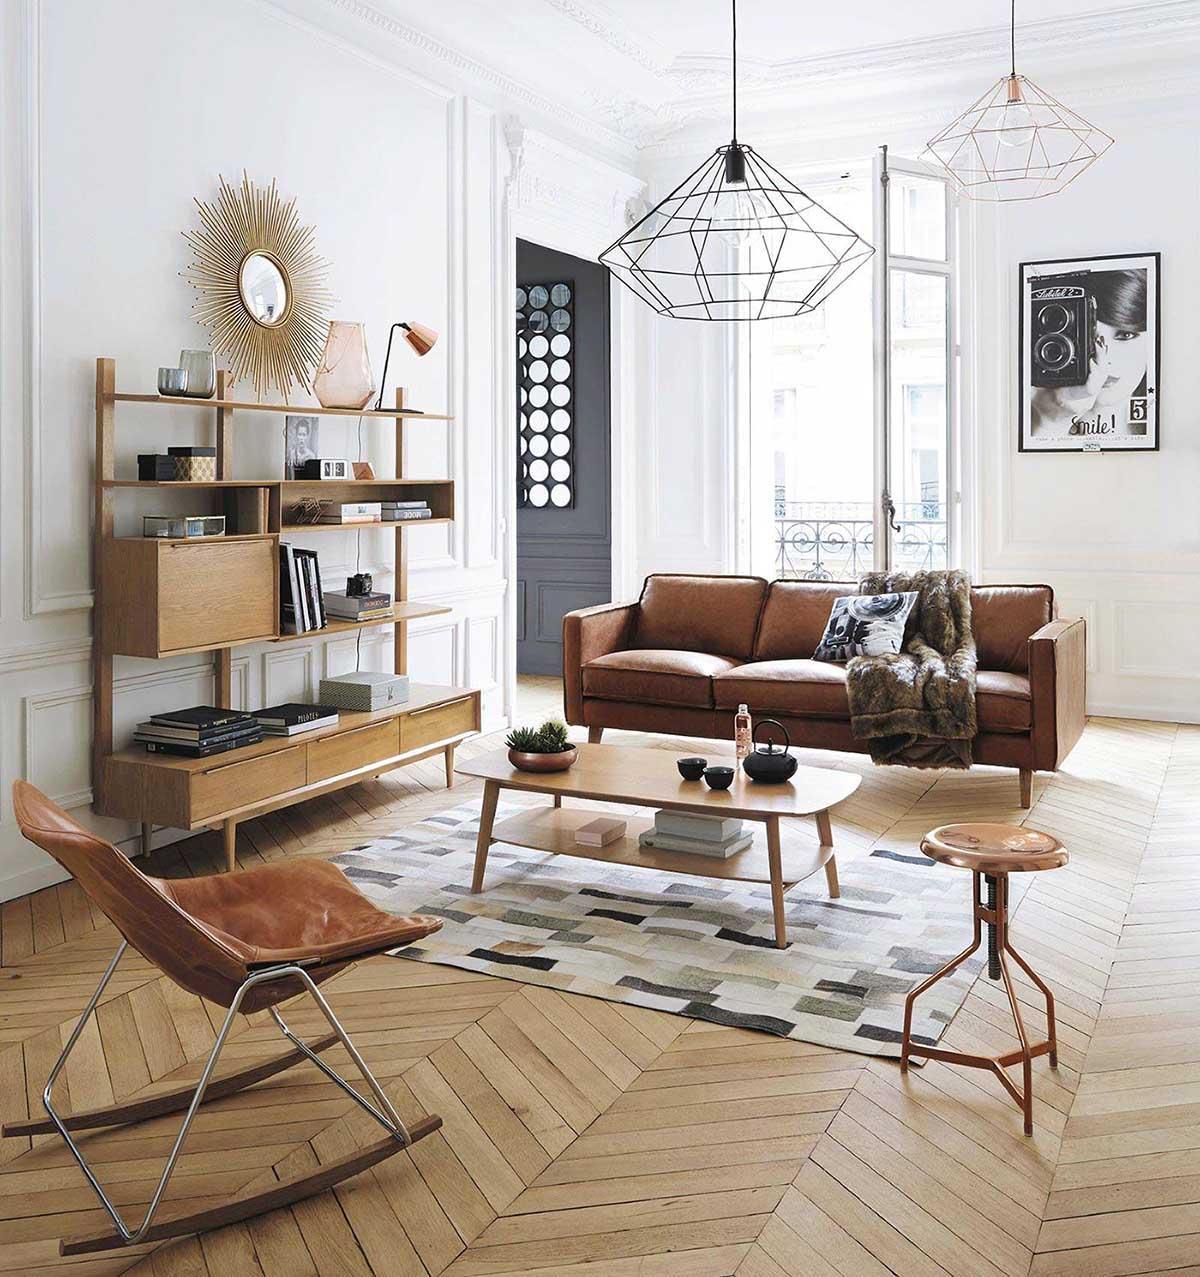 Không gian phòng khách theo xu hướng trung đại được thiết kế ấn tượng